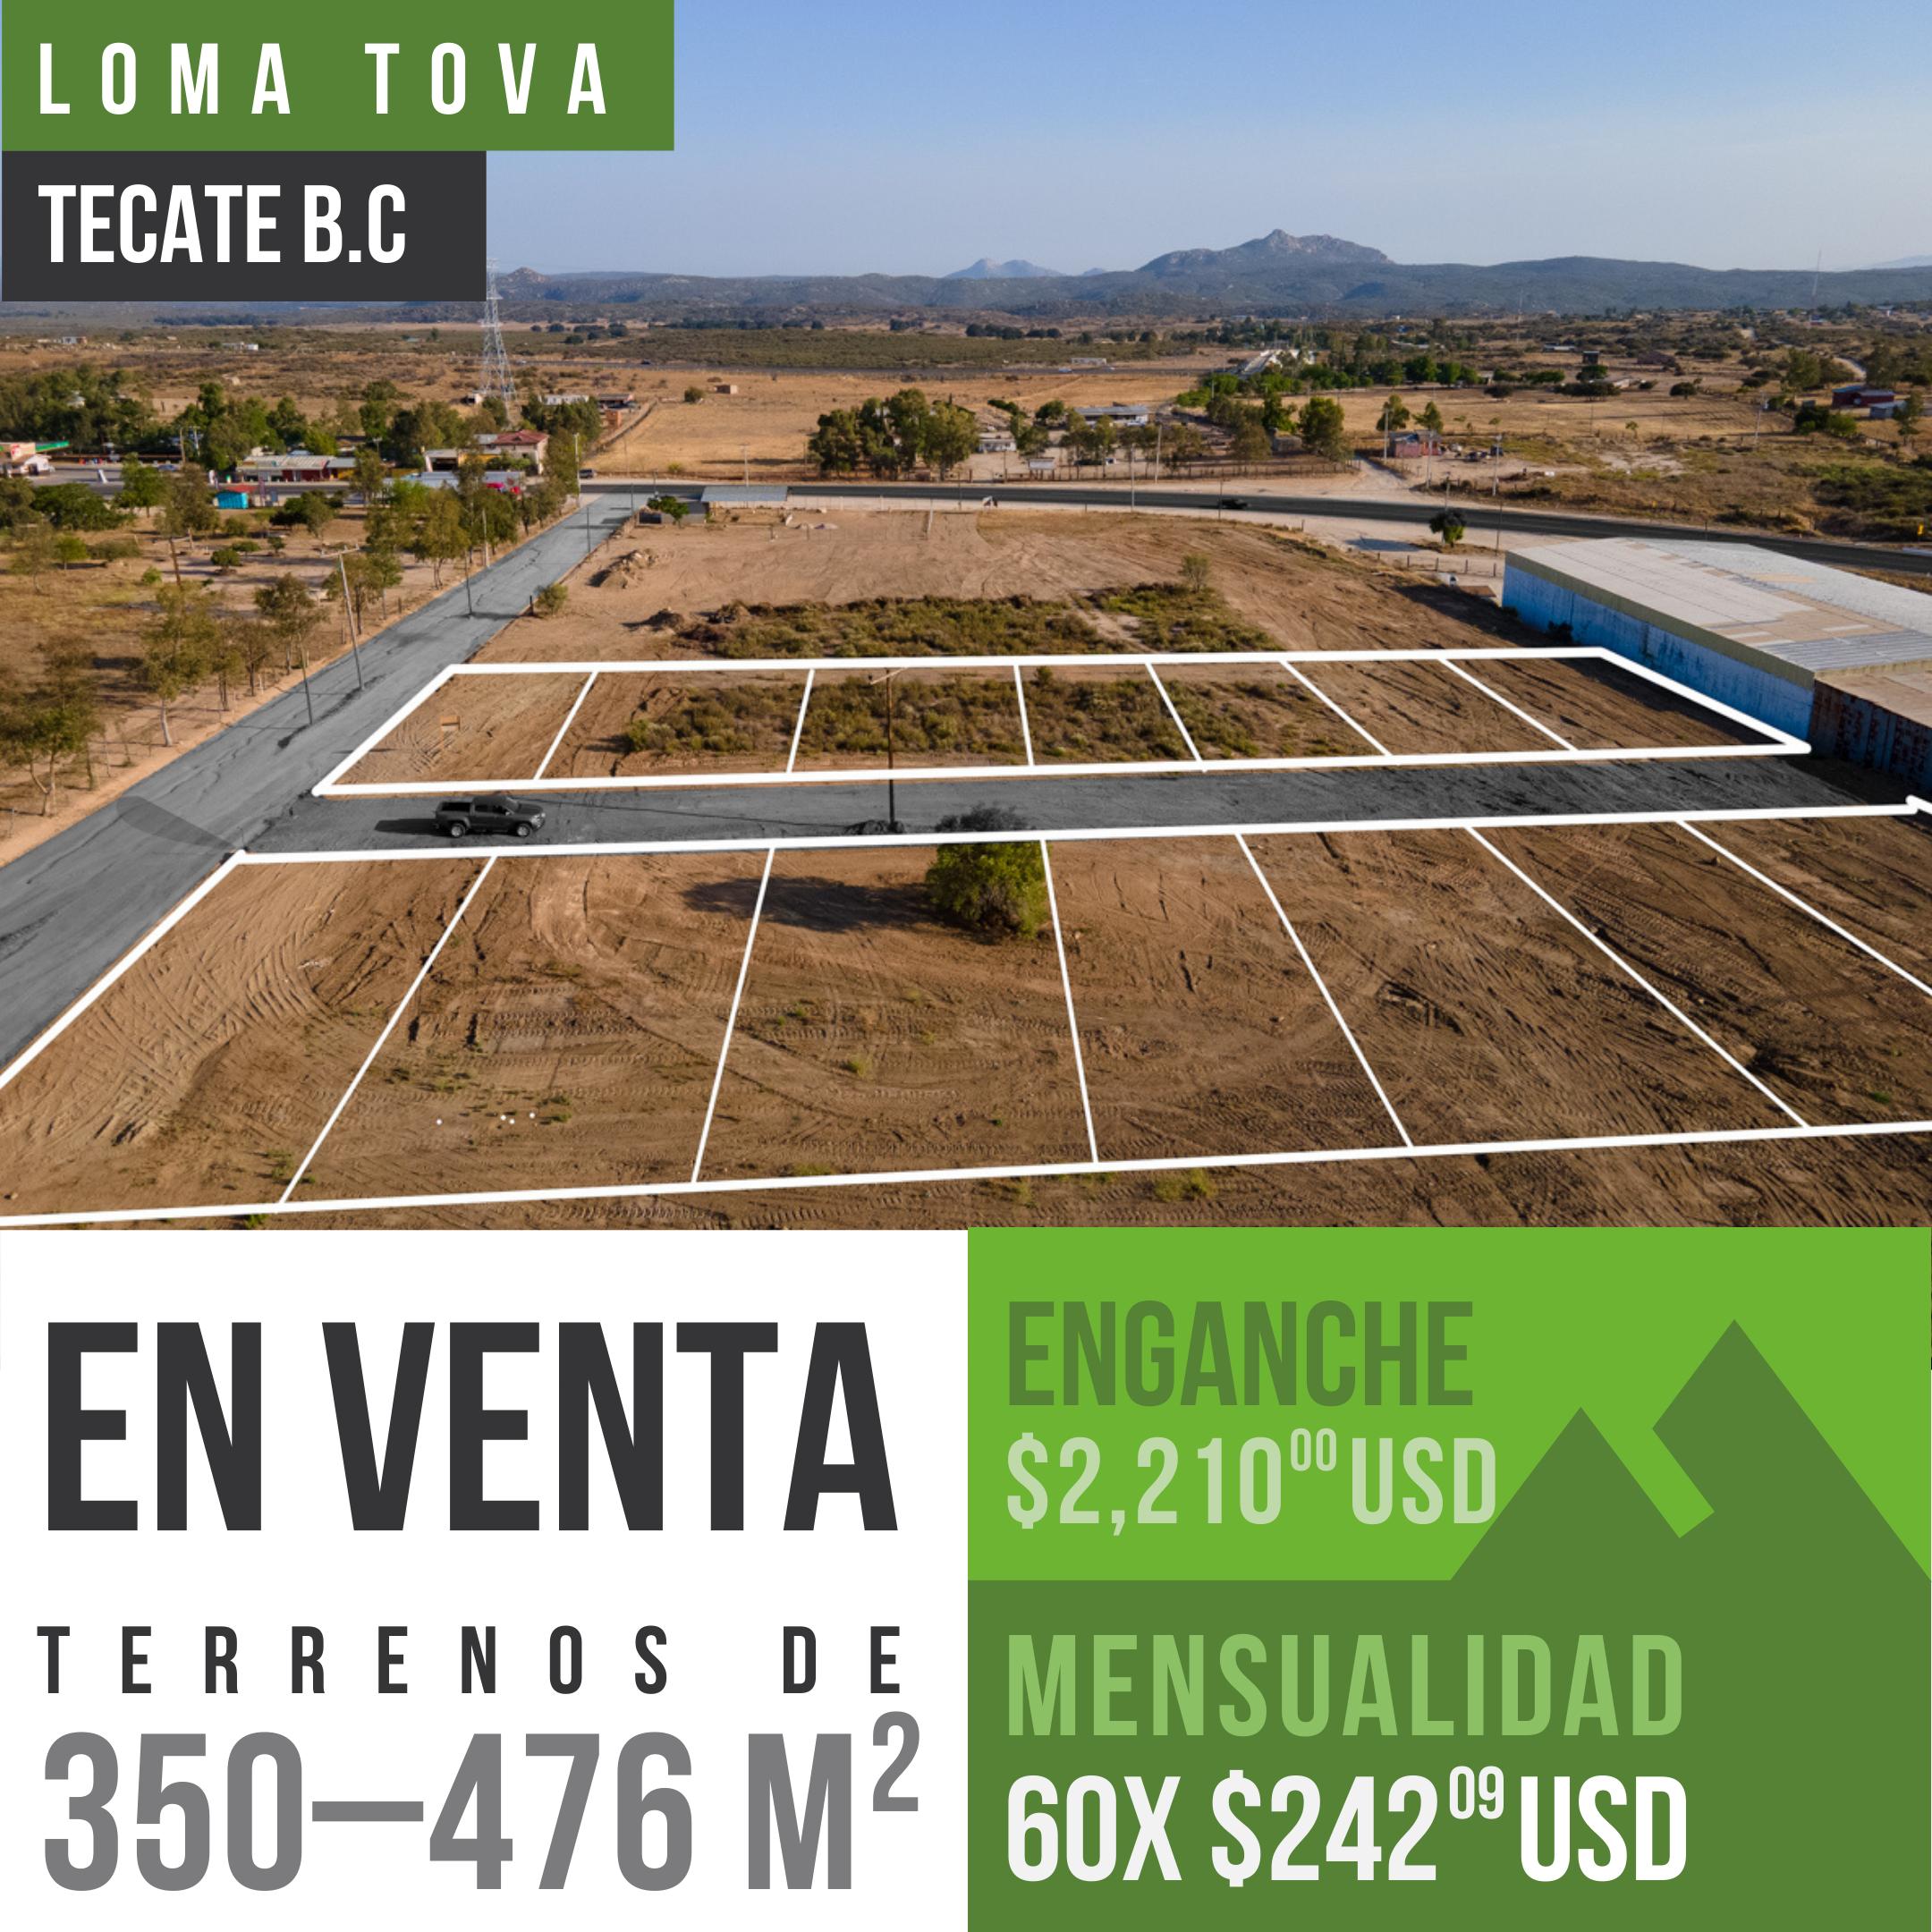 Terrenos en venta de 350 y 476 m² en Loma Tova, Tecate B.C0